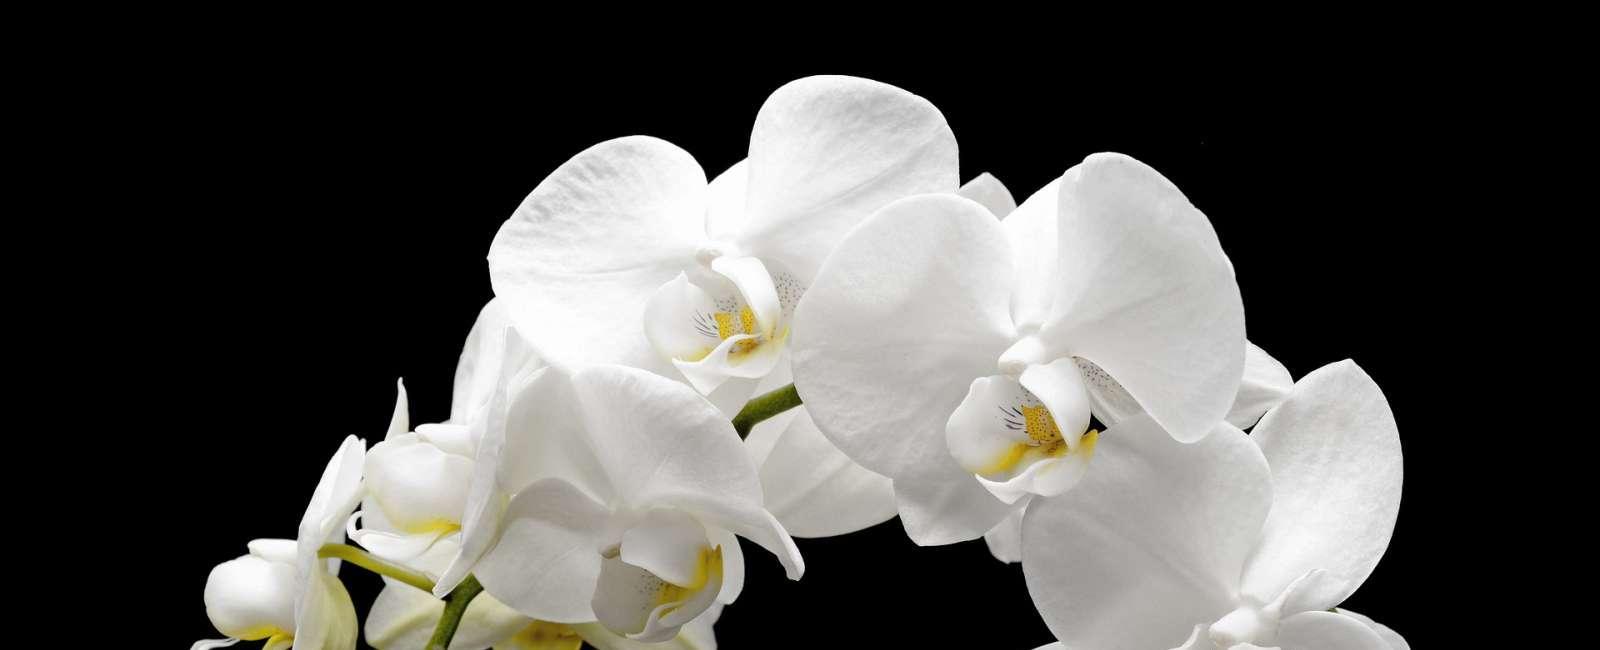 Cum protejam florile la temperaturi ridicate